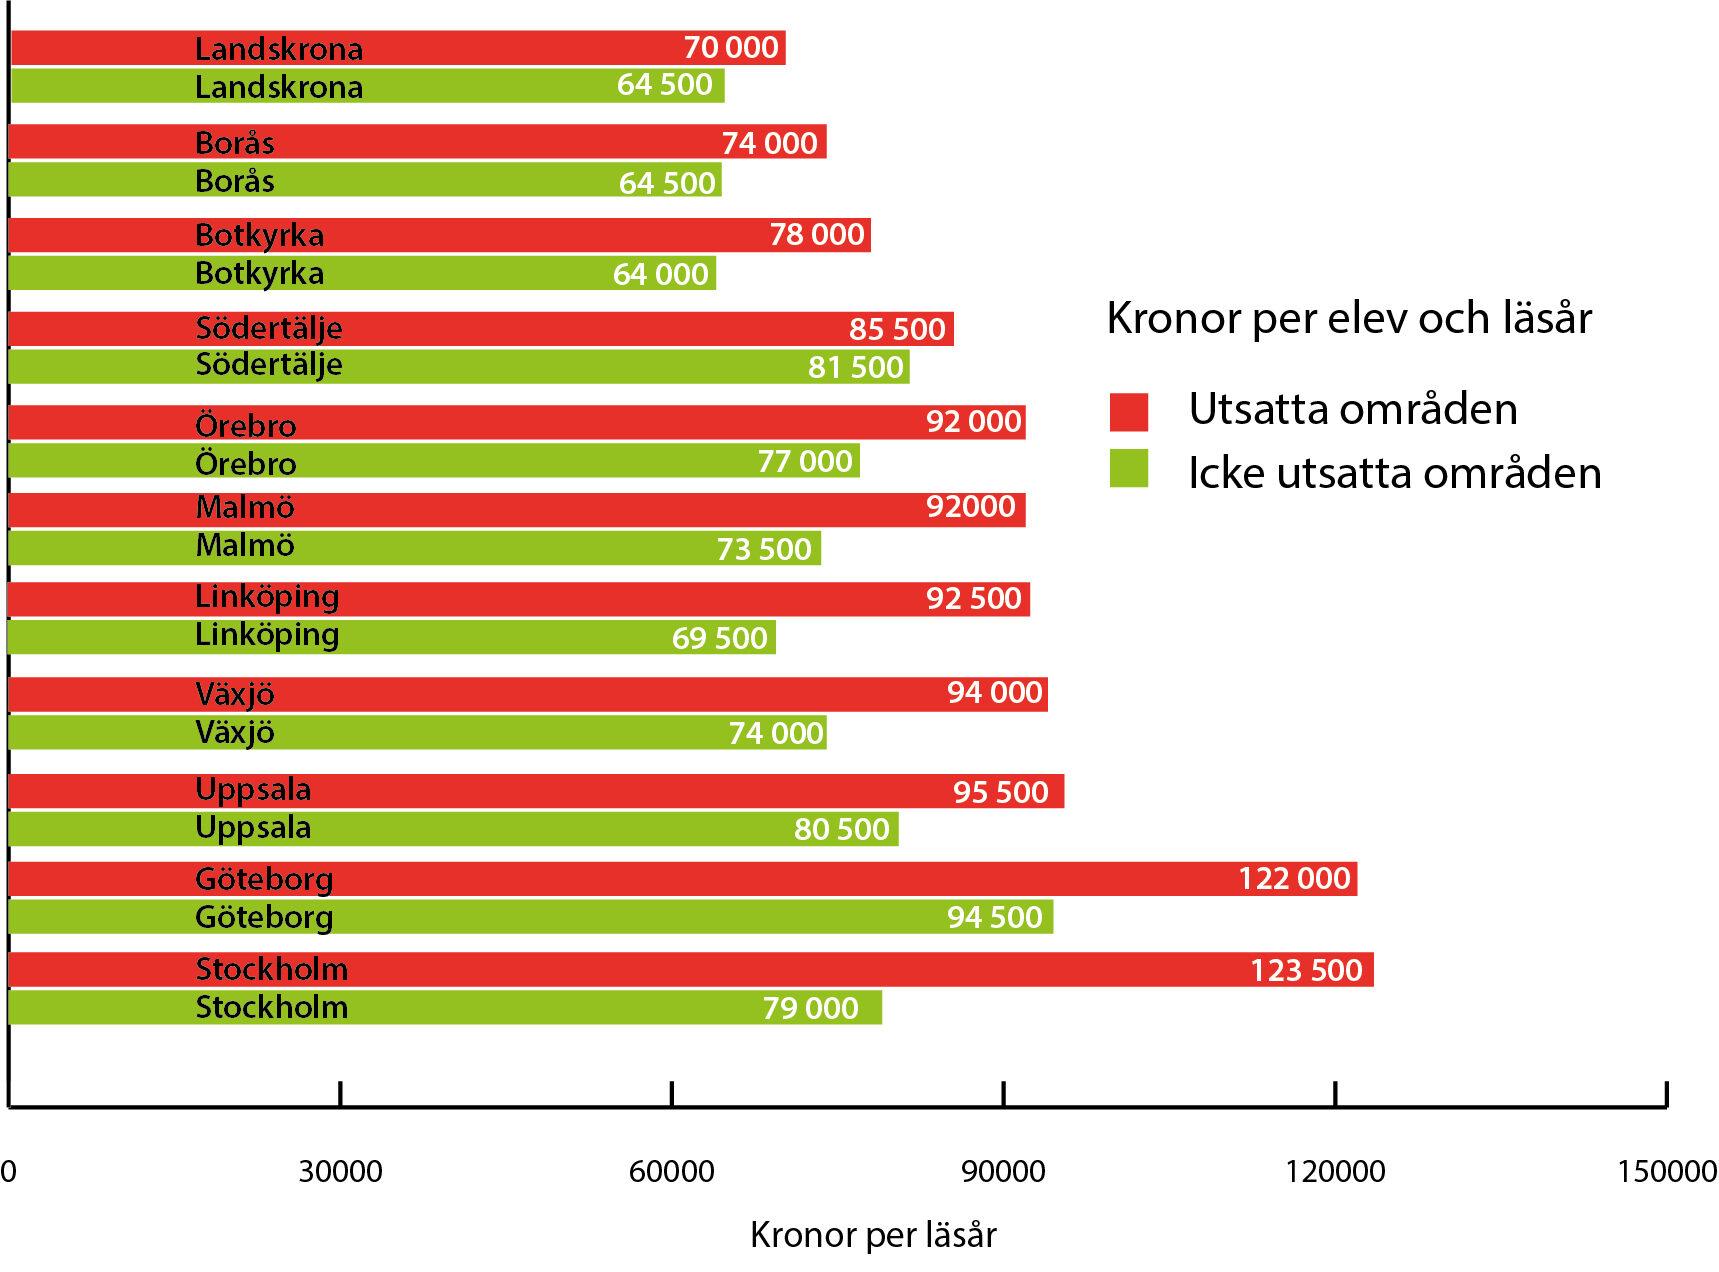 Beloppen i diagrammen är lägre än de faktiska summor som betalas ut till skolorna, men skillnaderna kommuner emellan är så nära verkligheten man kan komma. Vid direkta jämförelser mellan två kommuner bör man beakta att beloppen inte är justerade för rektorslön och kapitalkostnader.